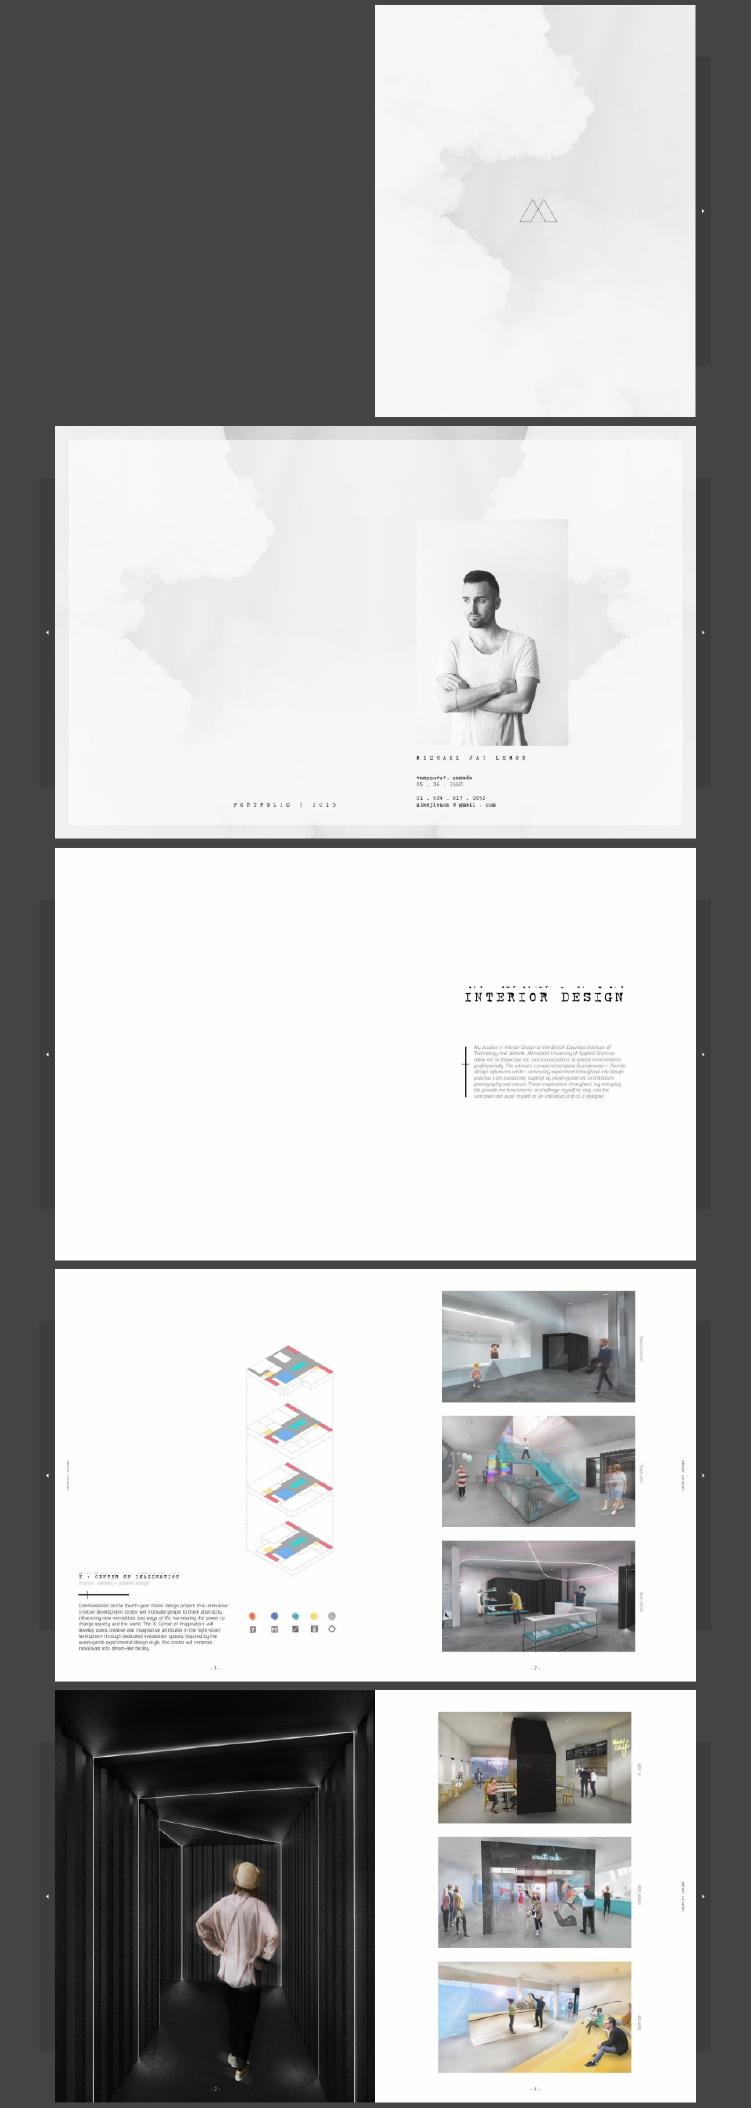 Design portfolio online portfolios examples portfolio - Online portfolio interior design ...